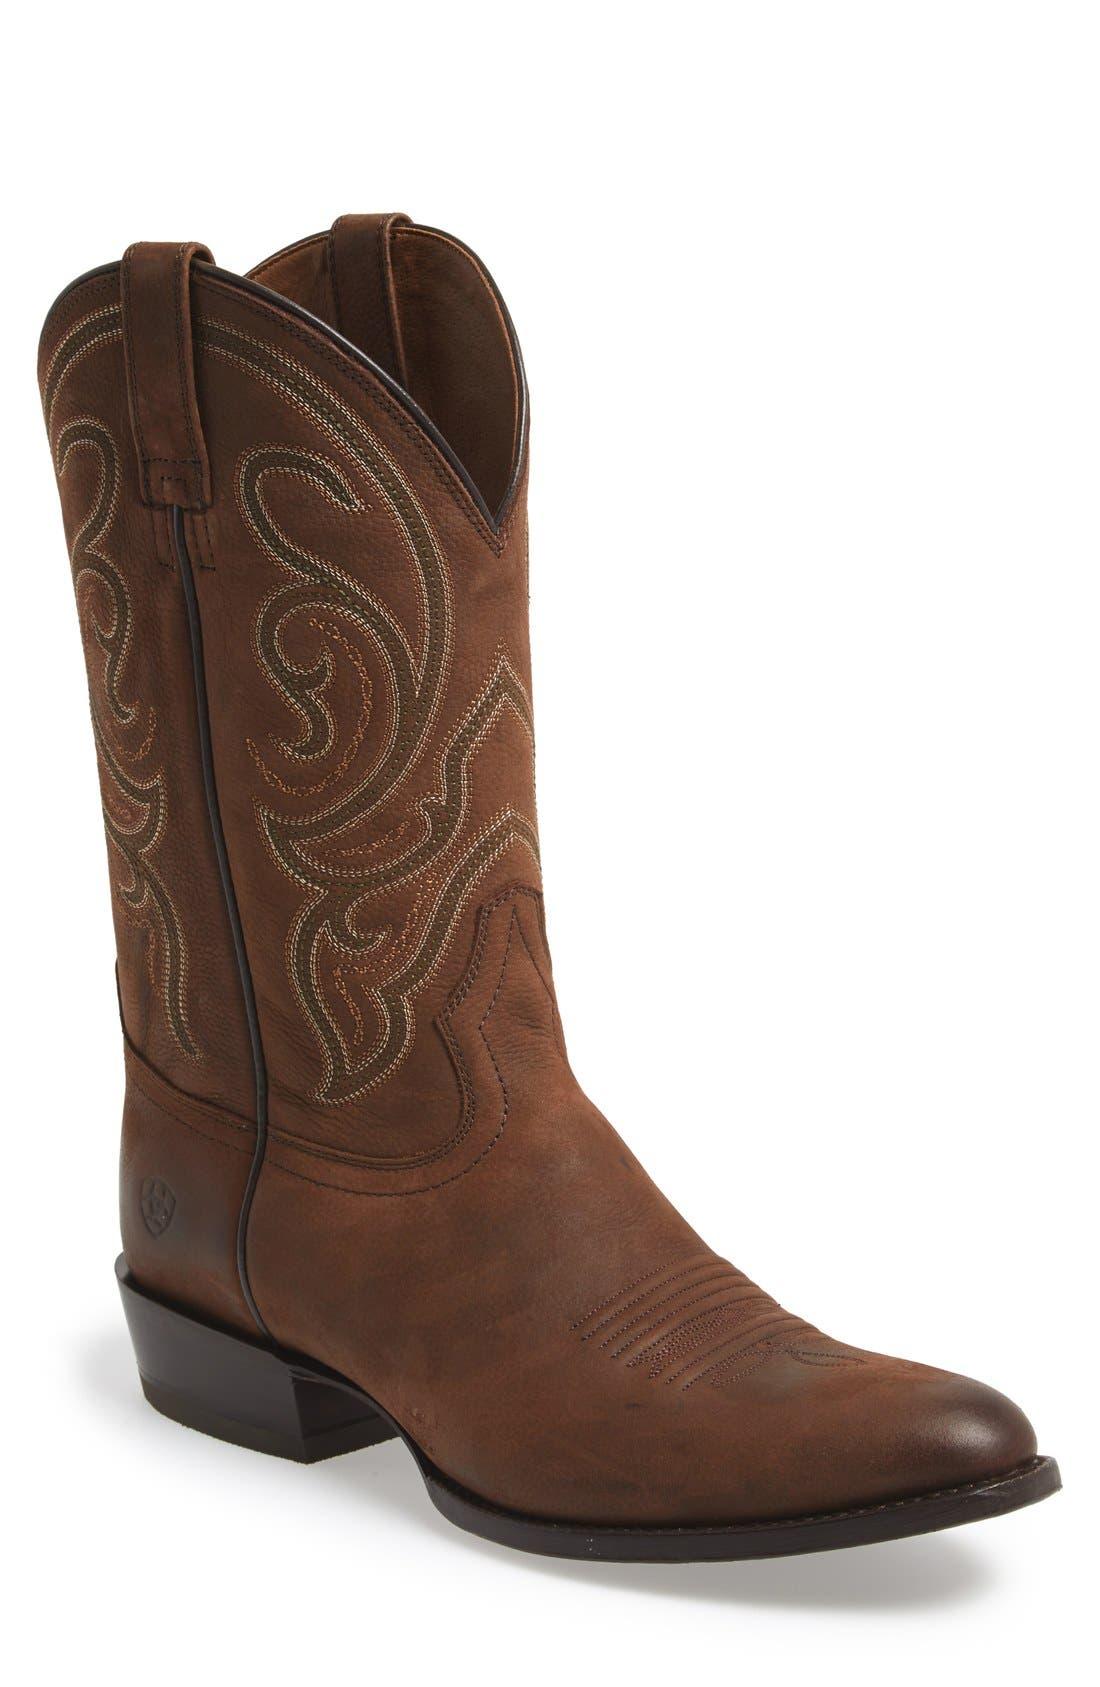 Alternate Image 1 Selected - Ariat 'Bandera' Cowboy Boot (Men)